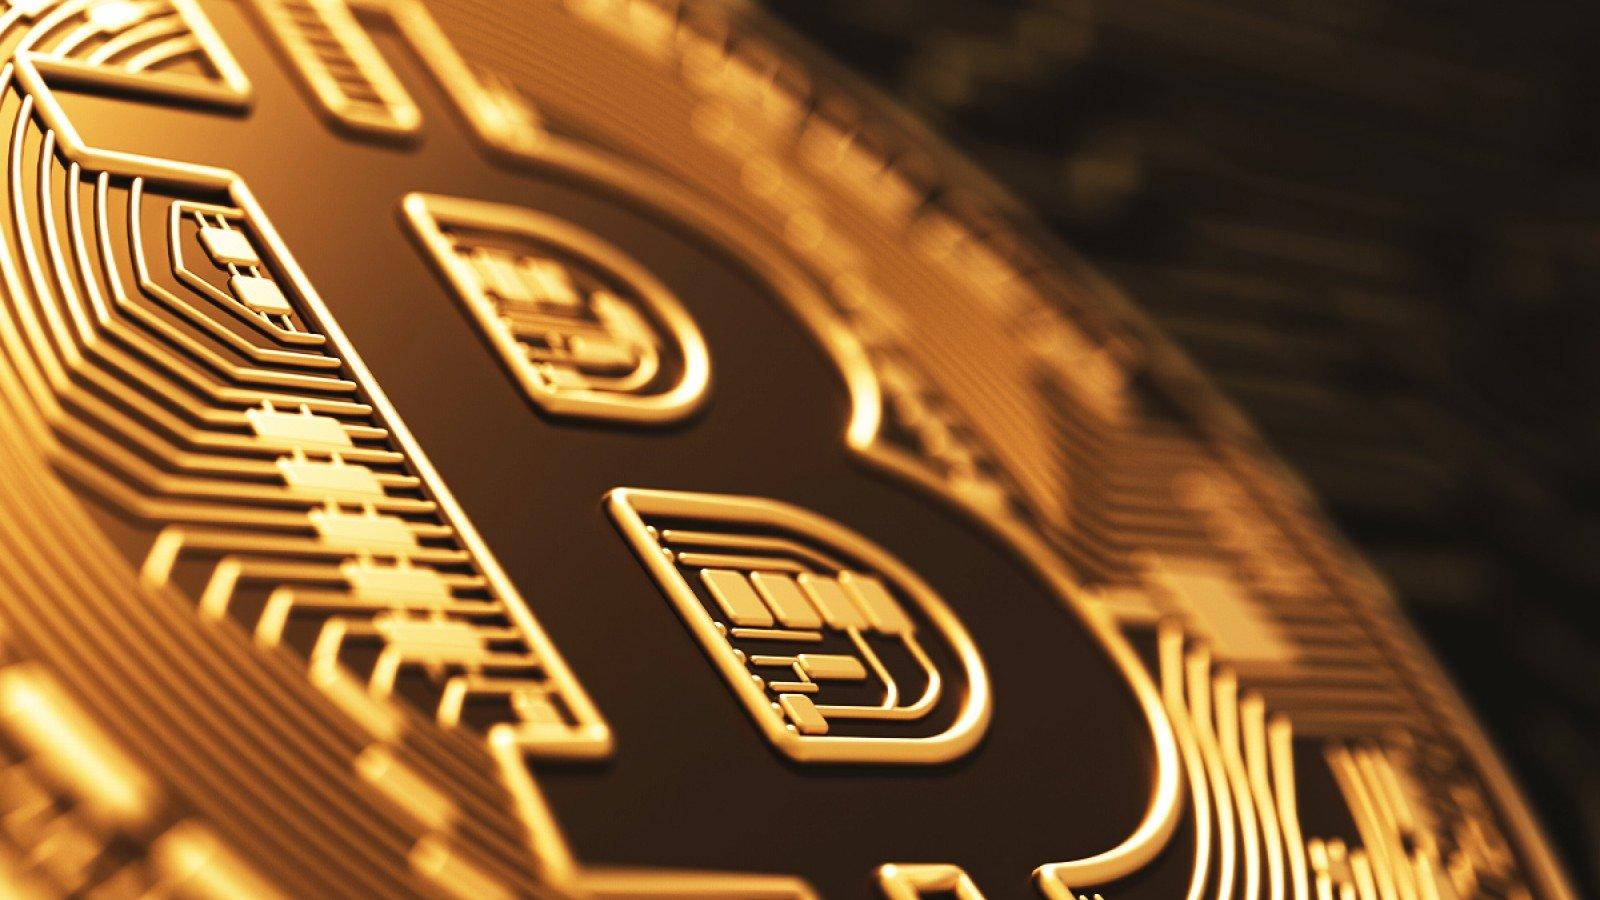 Bitcoin BTC En Yüksek Haftalık Kapanışlarından Birini Yaptı Peki Anlamı Ne